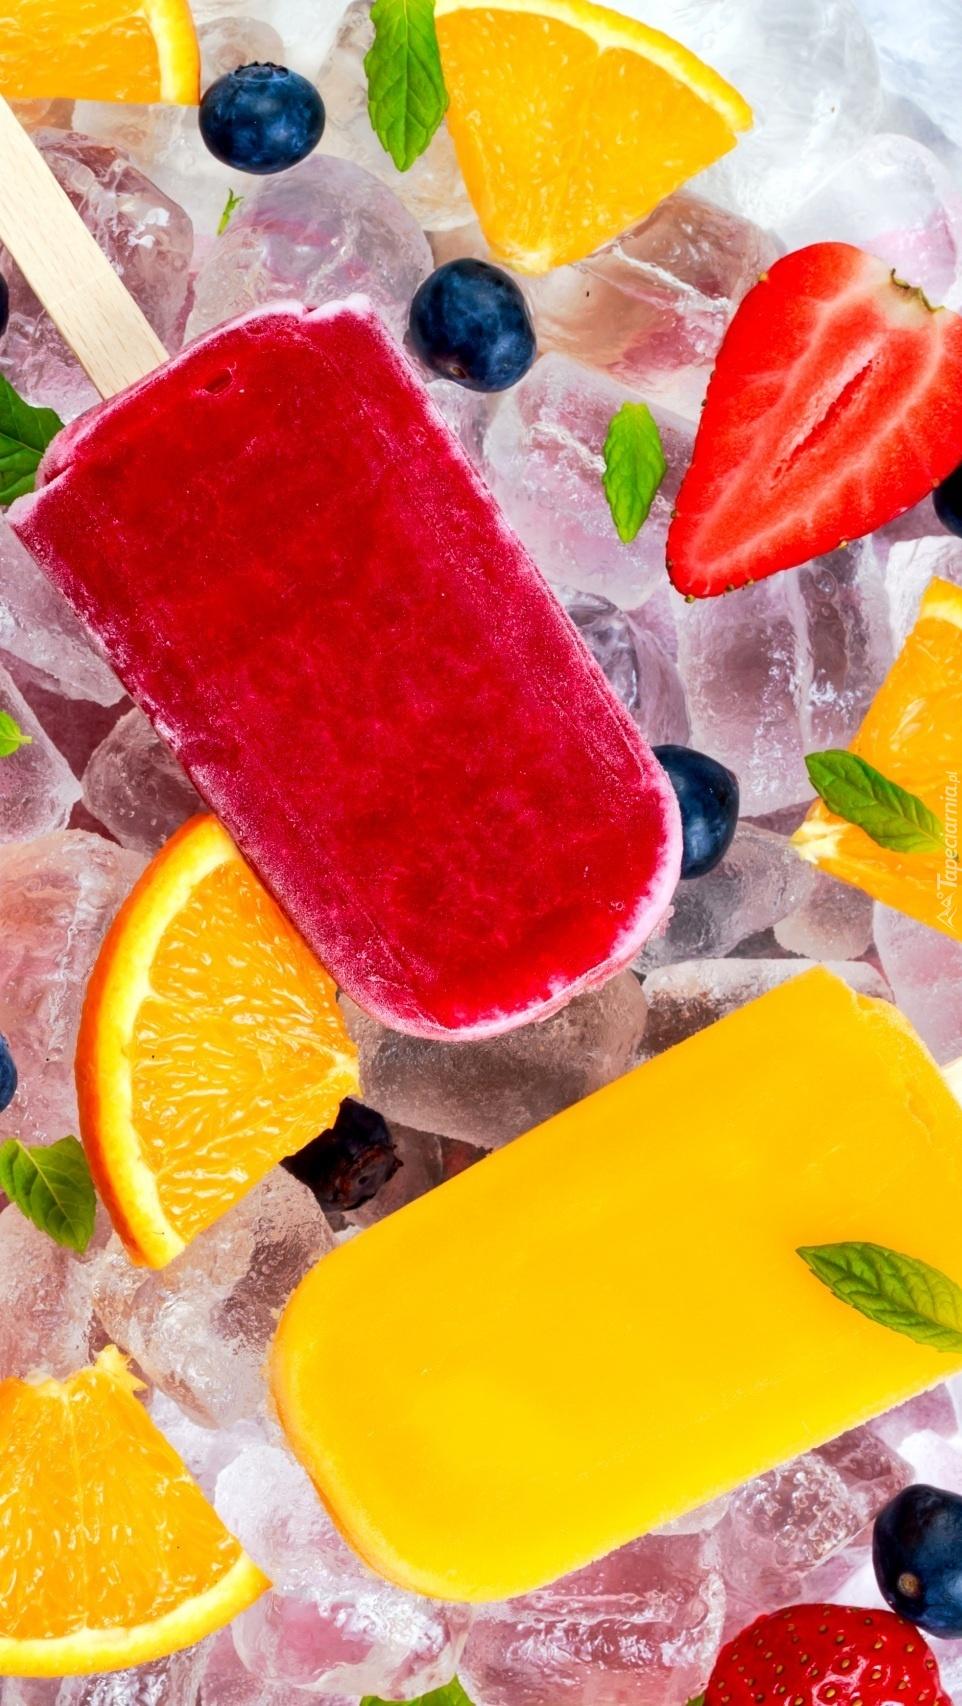 Lody i owoce